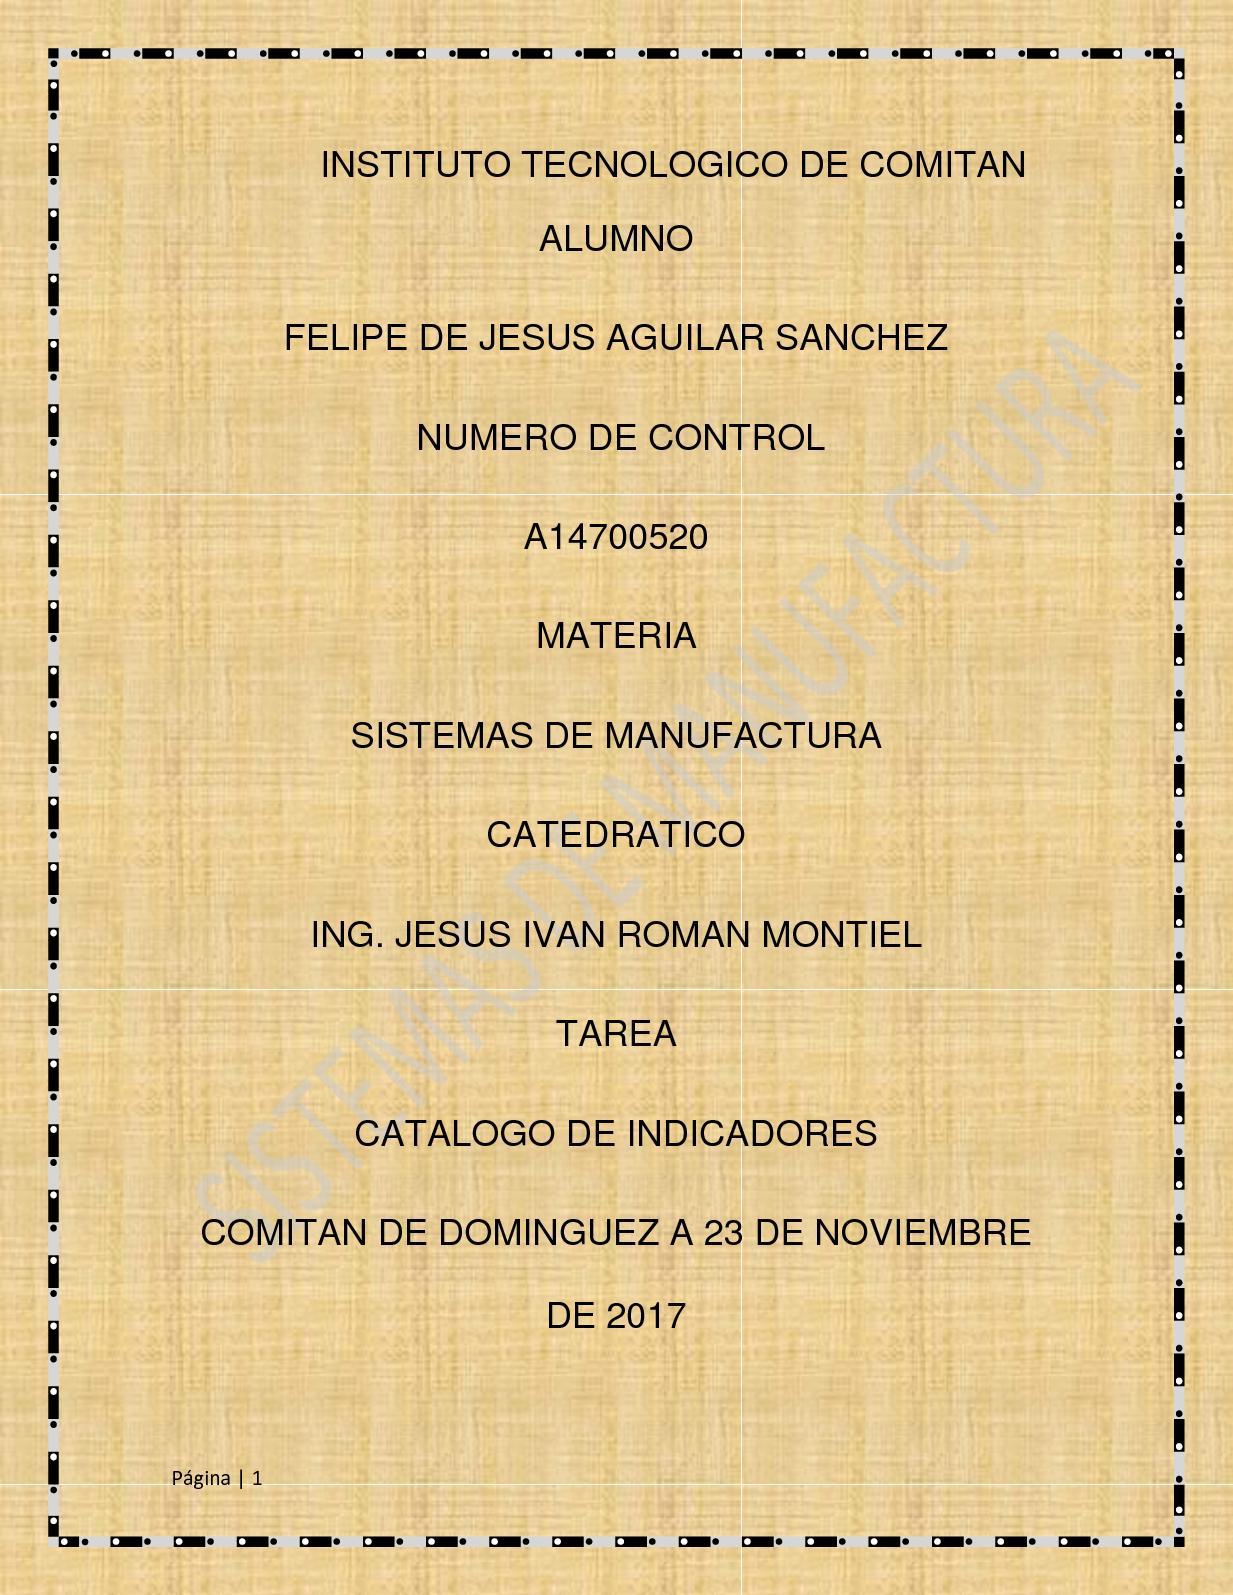 Calaméo - felipe_aguilar_catalogo_de_indicadores